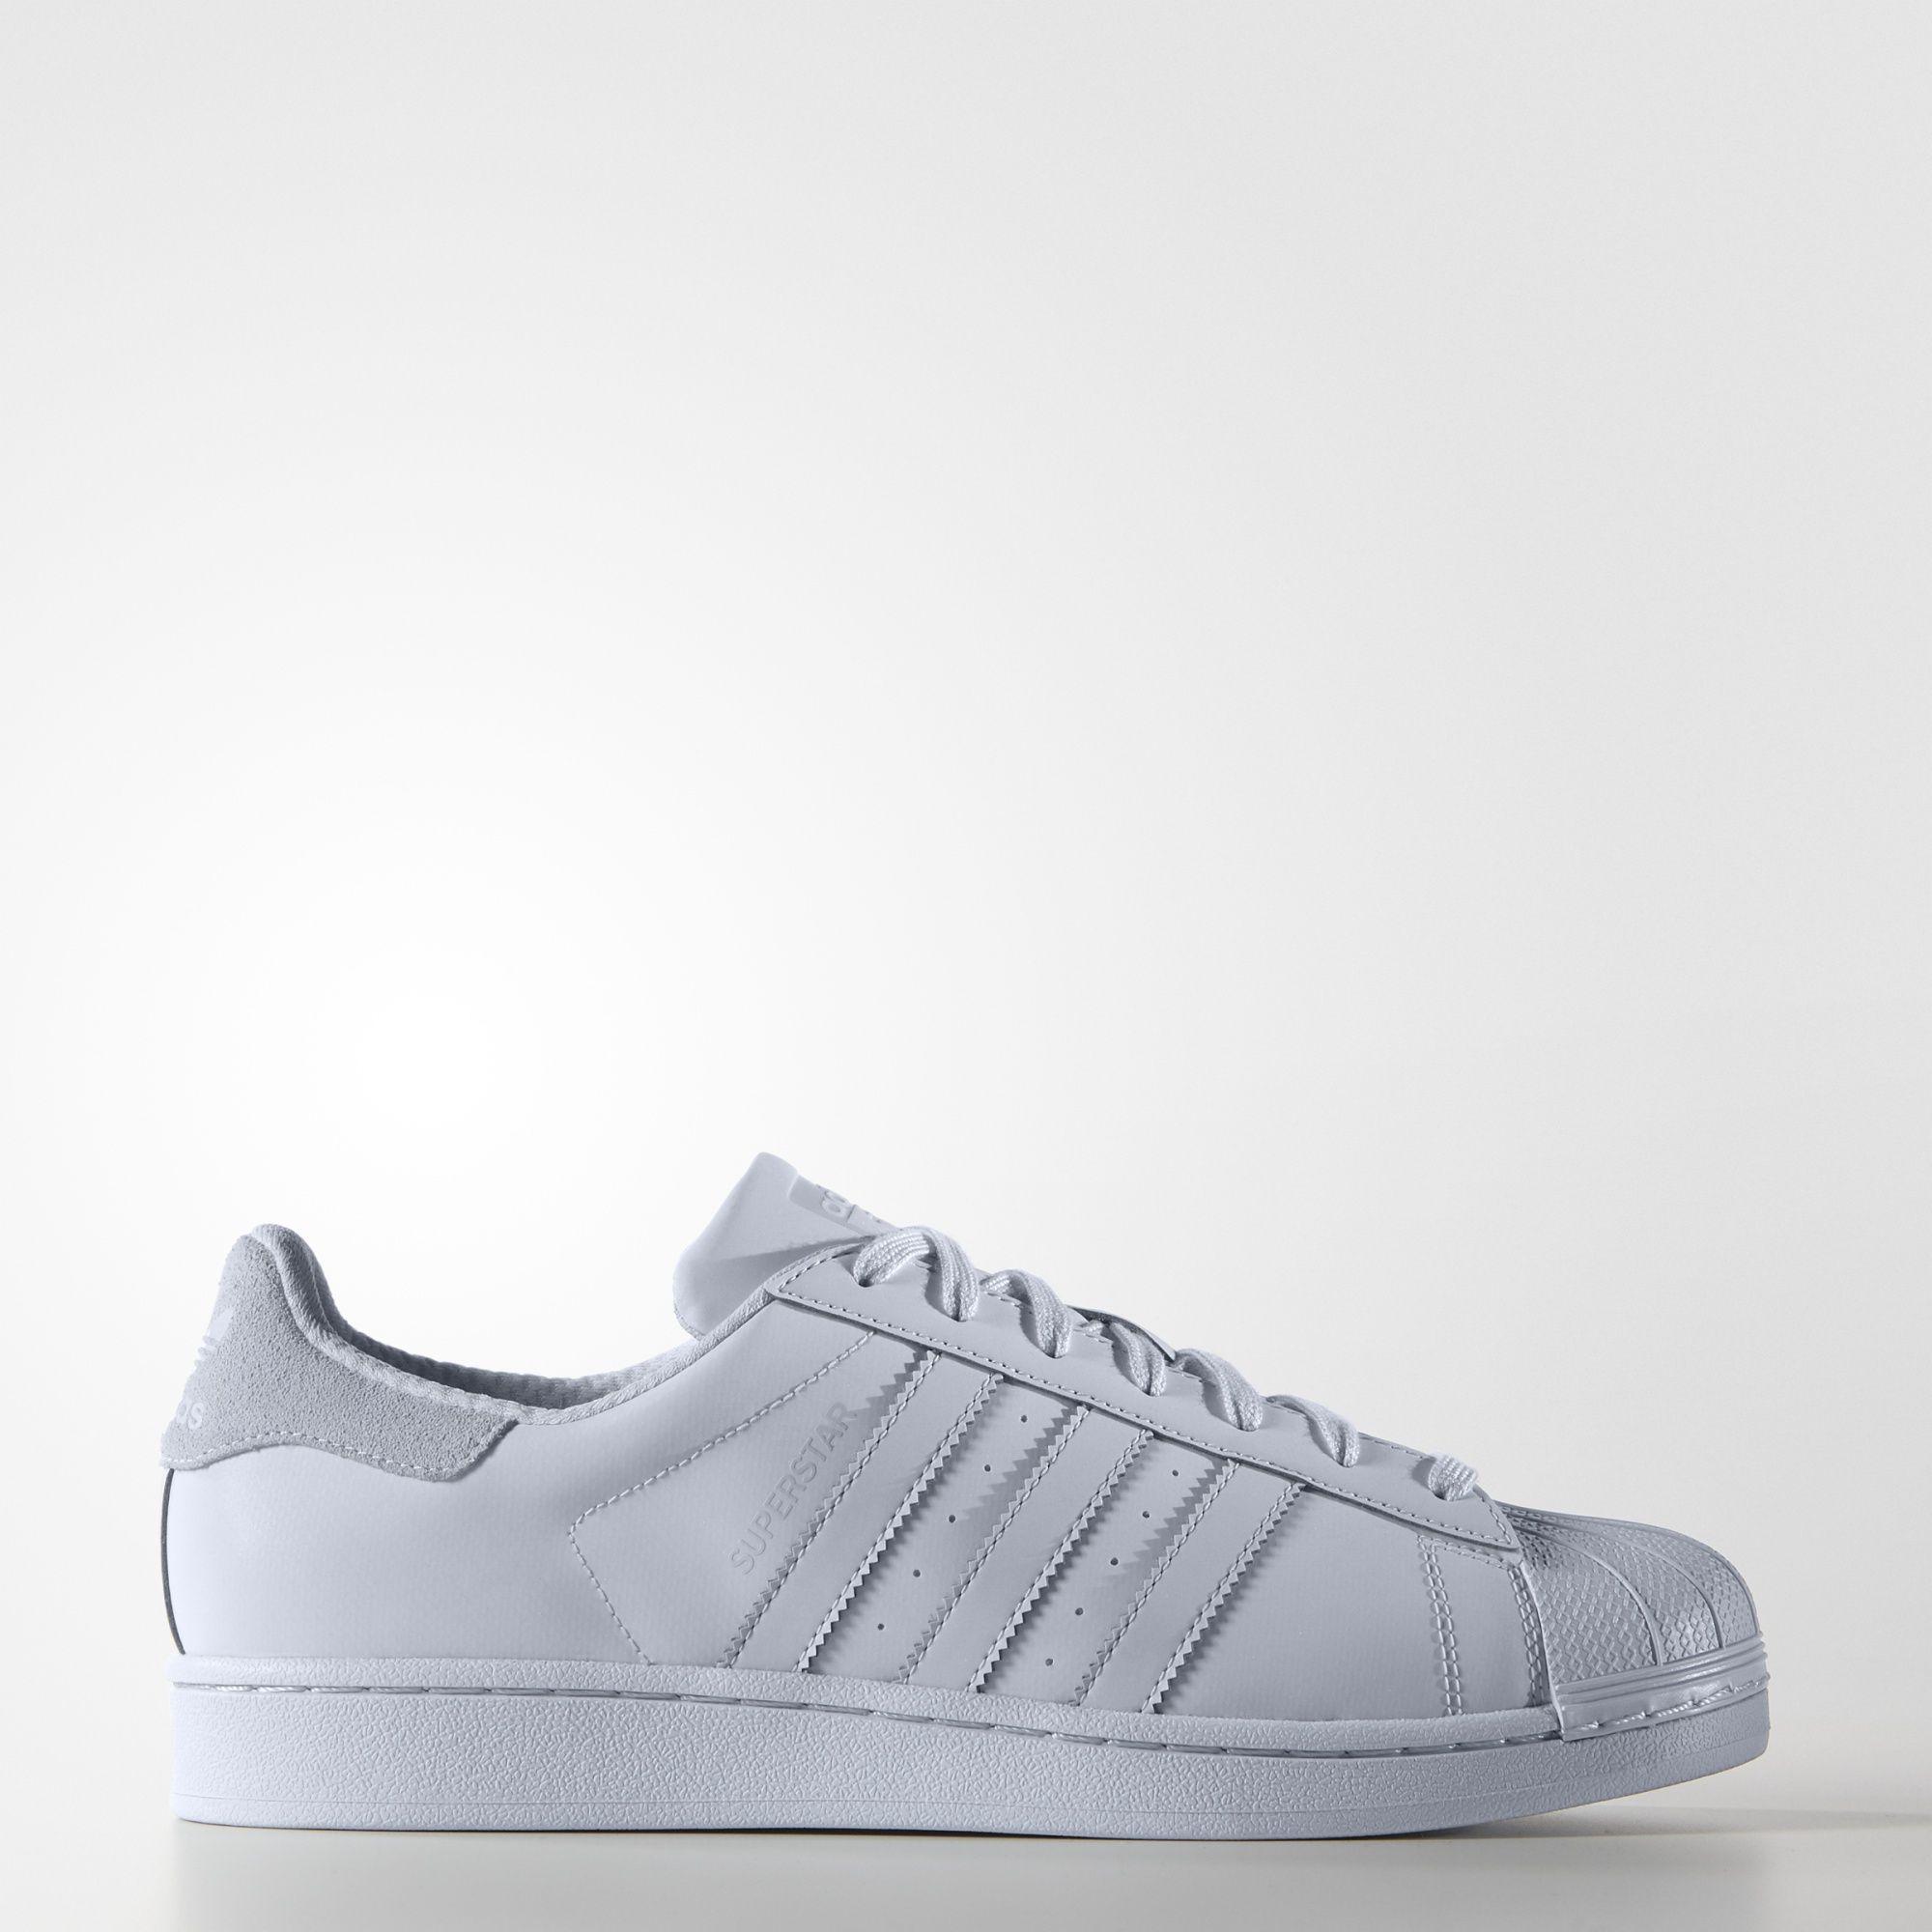 Chaussure Superstar bleu adidas | adidas France